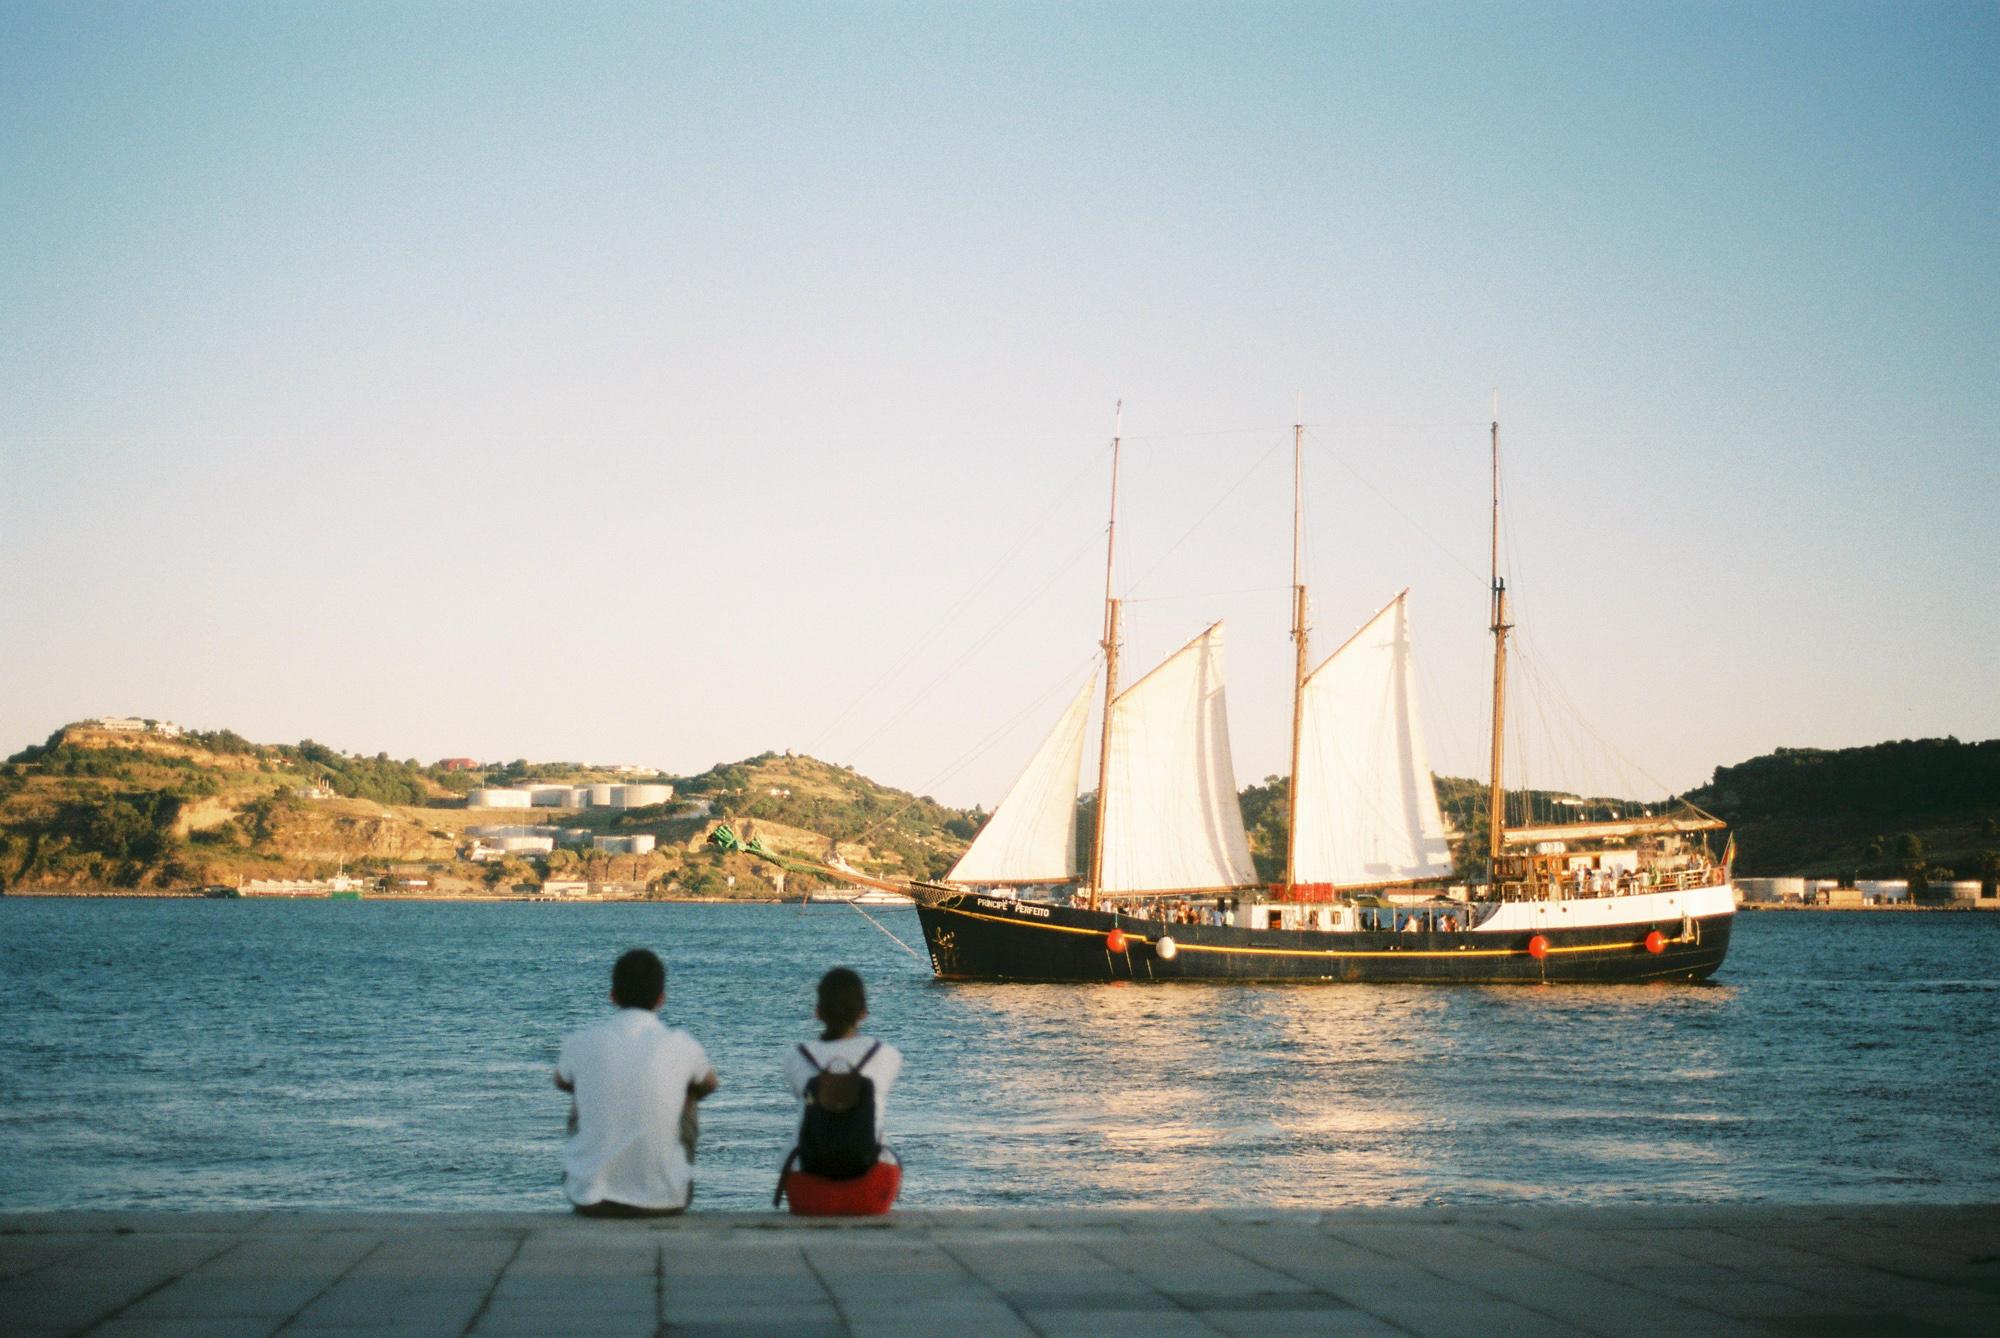 Fotografia-Analogica-Lisboa-Filme-Oceanica-15.jpg